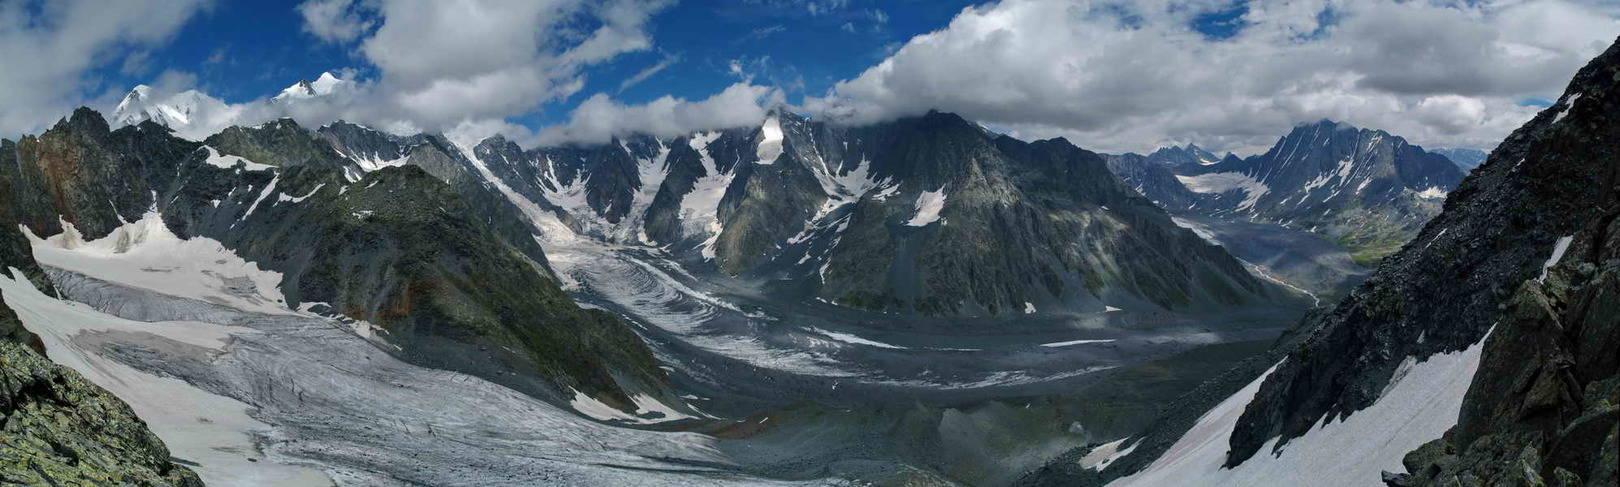 Большой Берельский ледник